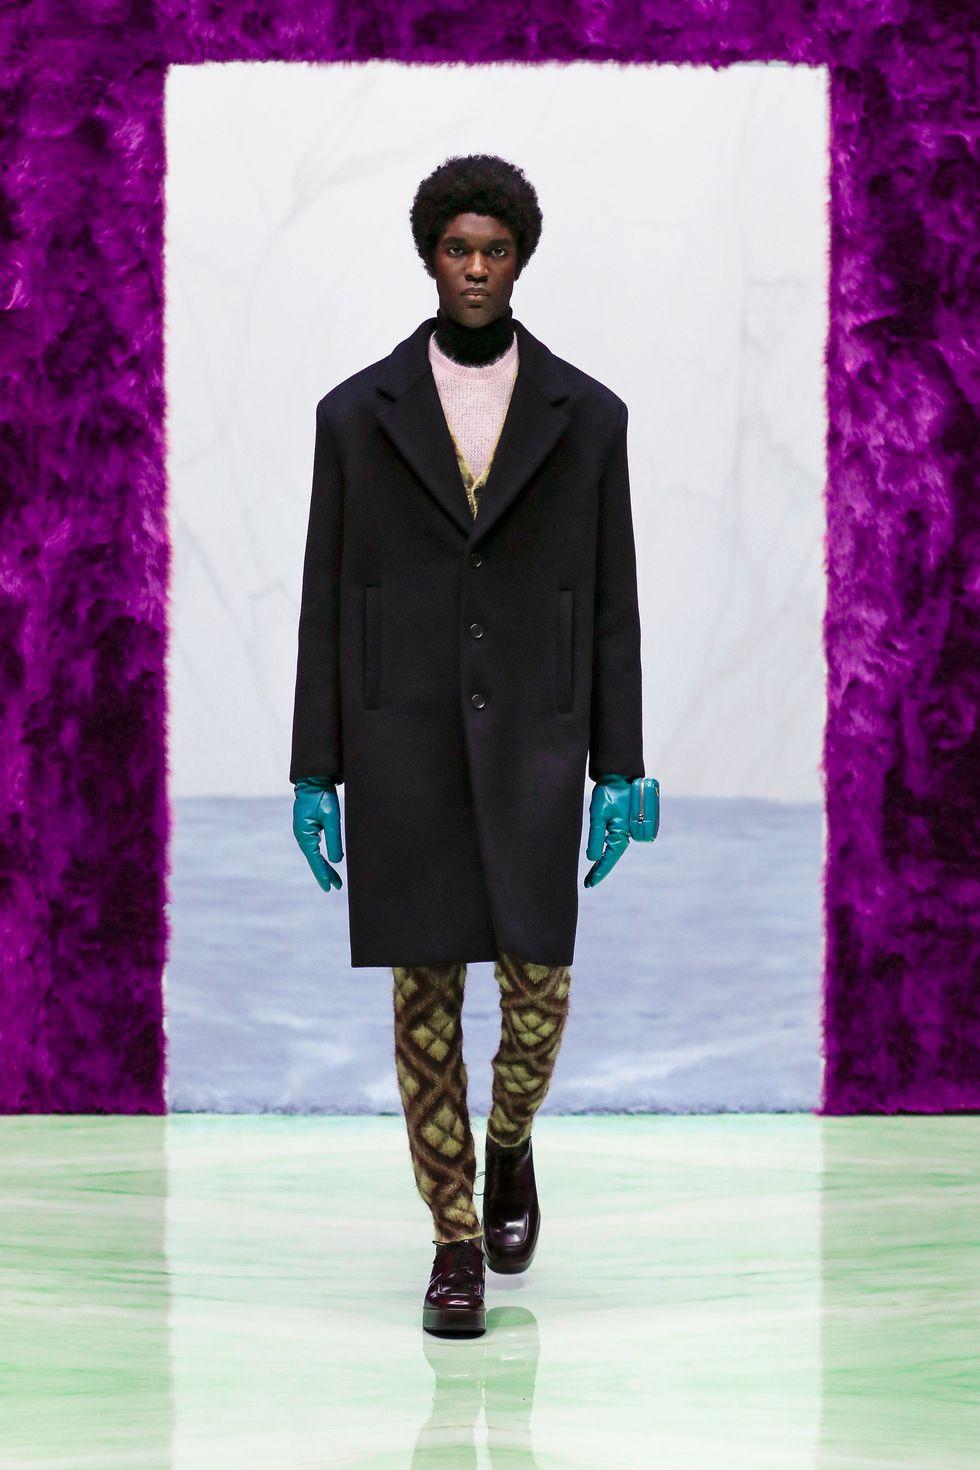 Những chiếc găng tay là món đồ hot nhất sàn diễn thời trang vừa qua - hình ảnh 6